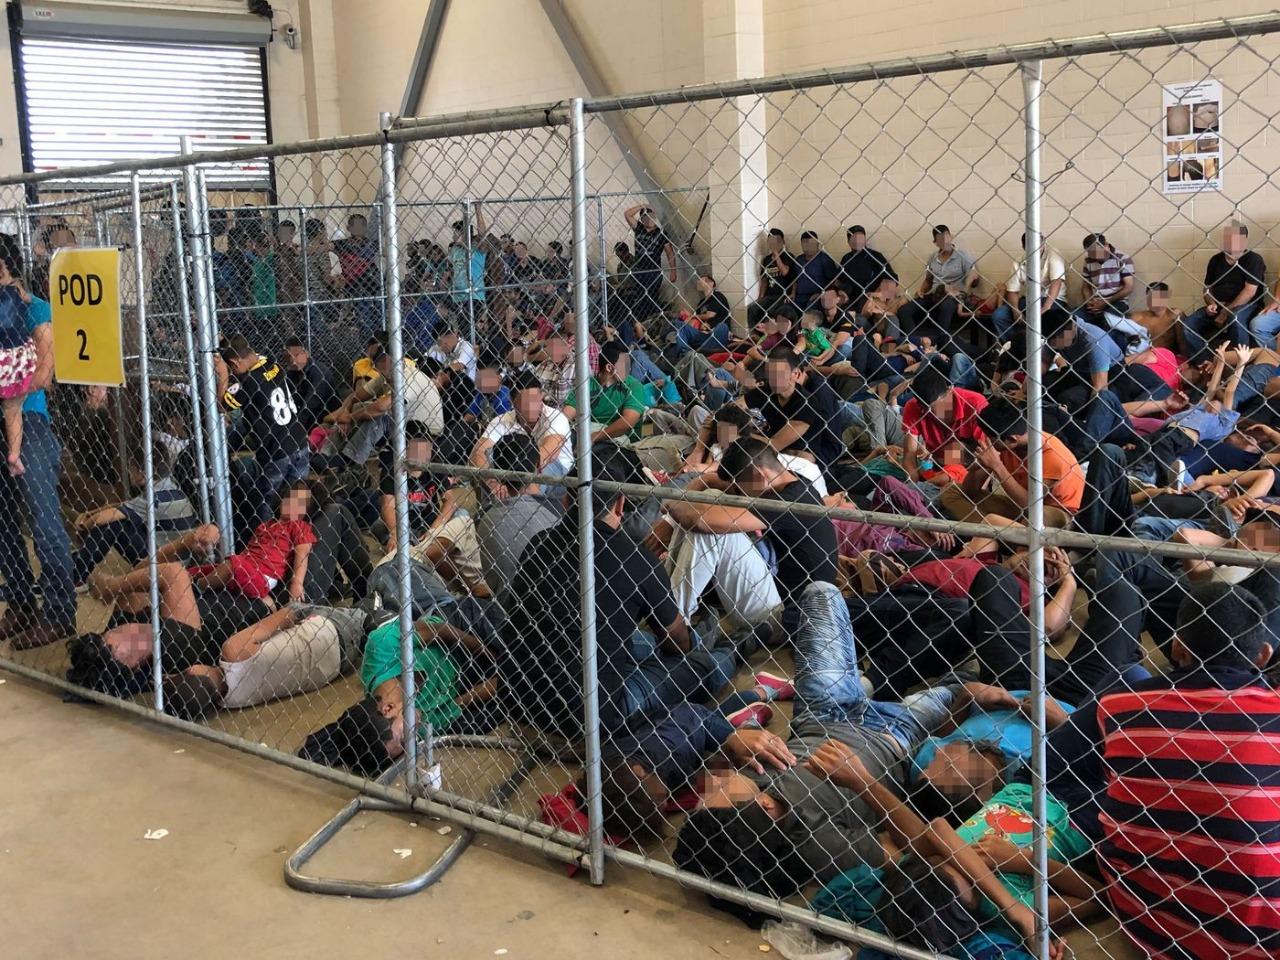 EEUU envía a Hawái a migrantes guatemaltecos que solicitan asilo